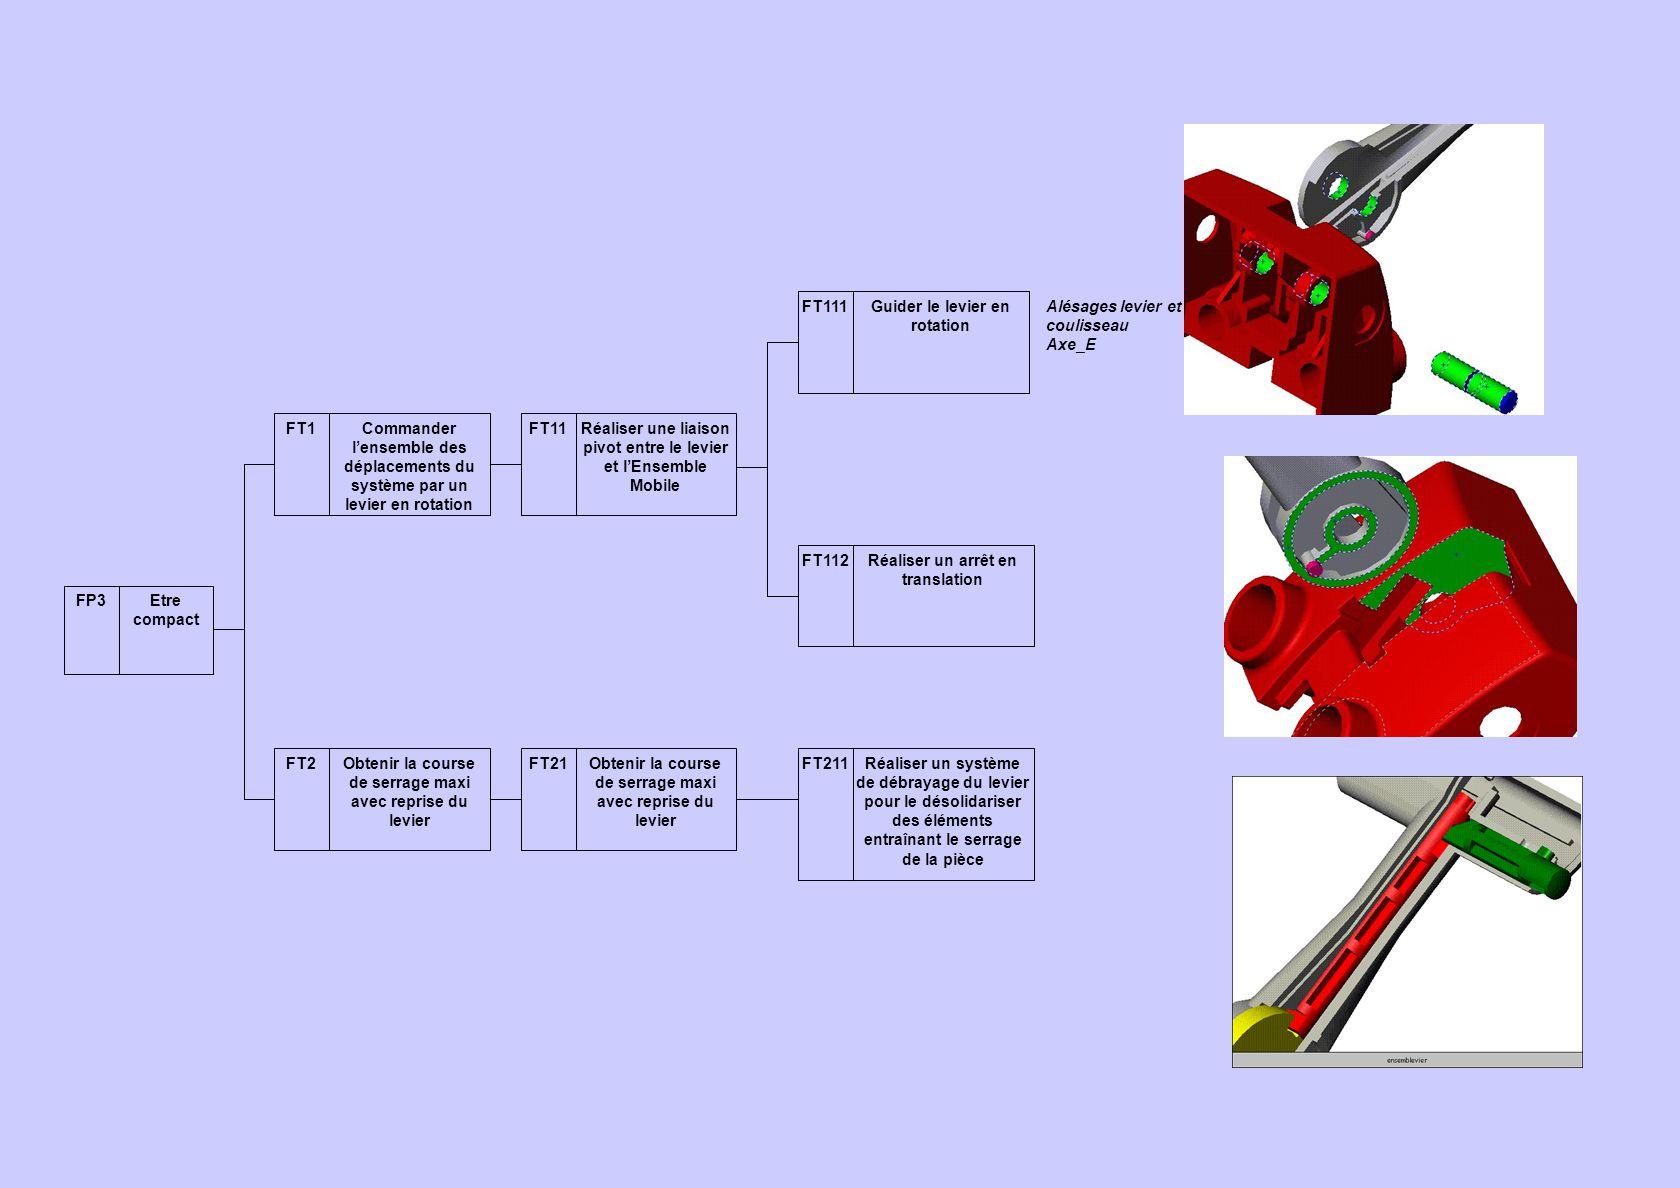 Obtenir la course de serrage maxi avec reprise du levier FT11